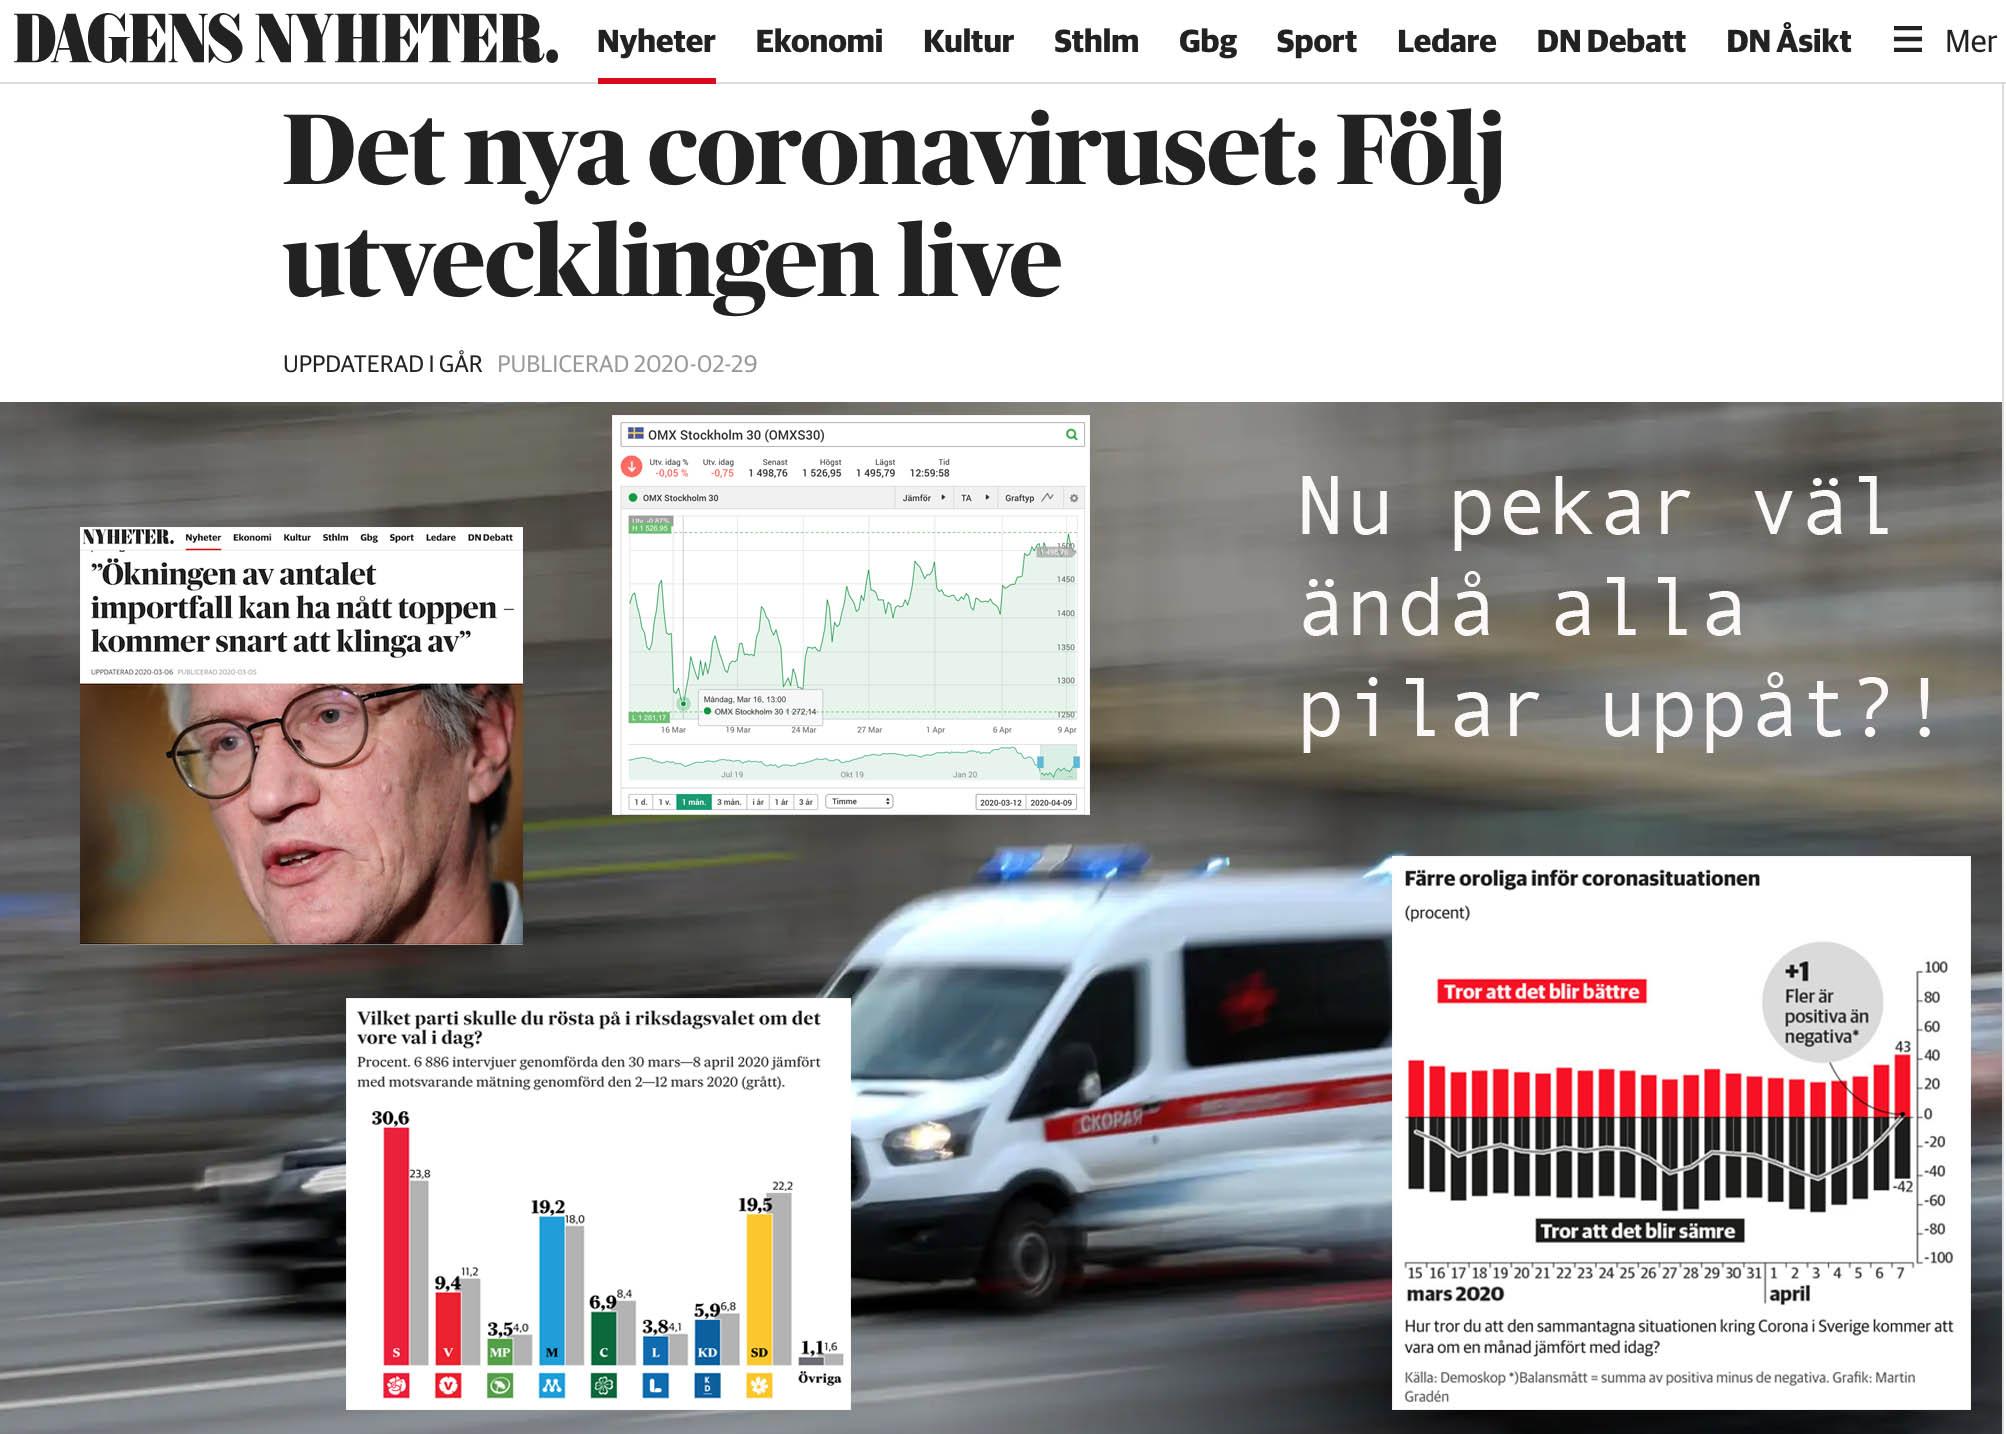 Många 'bara' just nu: börsen -15%. Corona: 13 döda igår. Handel & nöje -24%. Fler optimister än pessimister – och SAP över 30%! Vad kan gå fel?